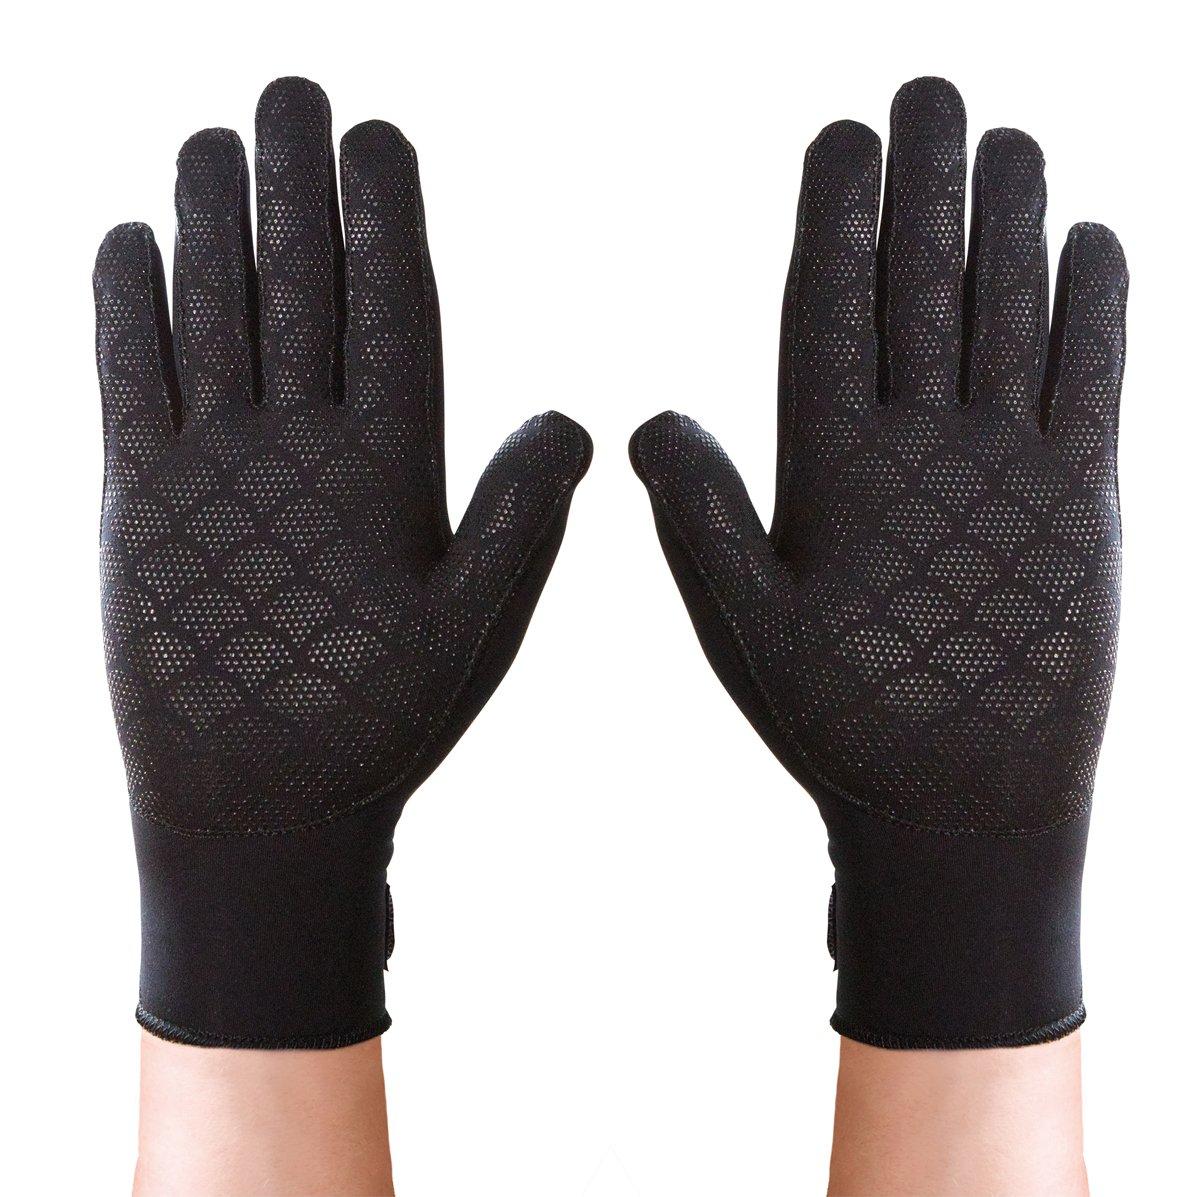 Thermoskin Full Finger Arthritis Gloves, Black, Large